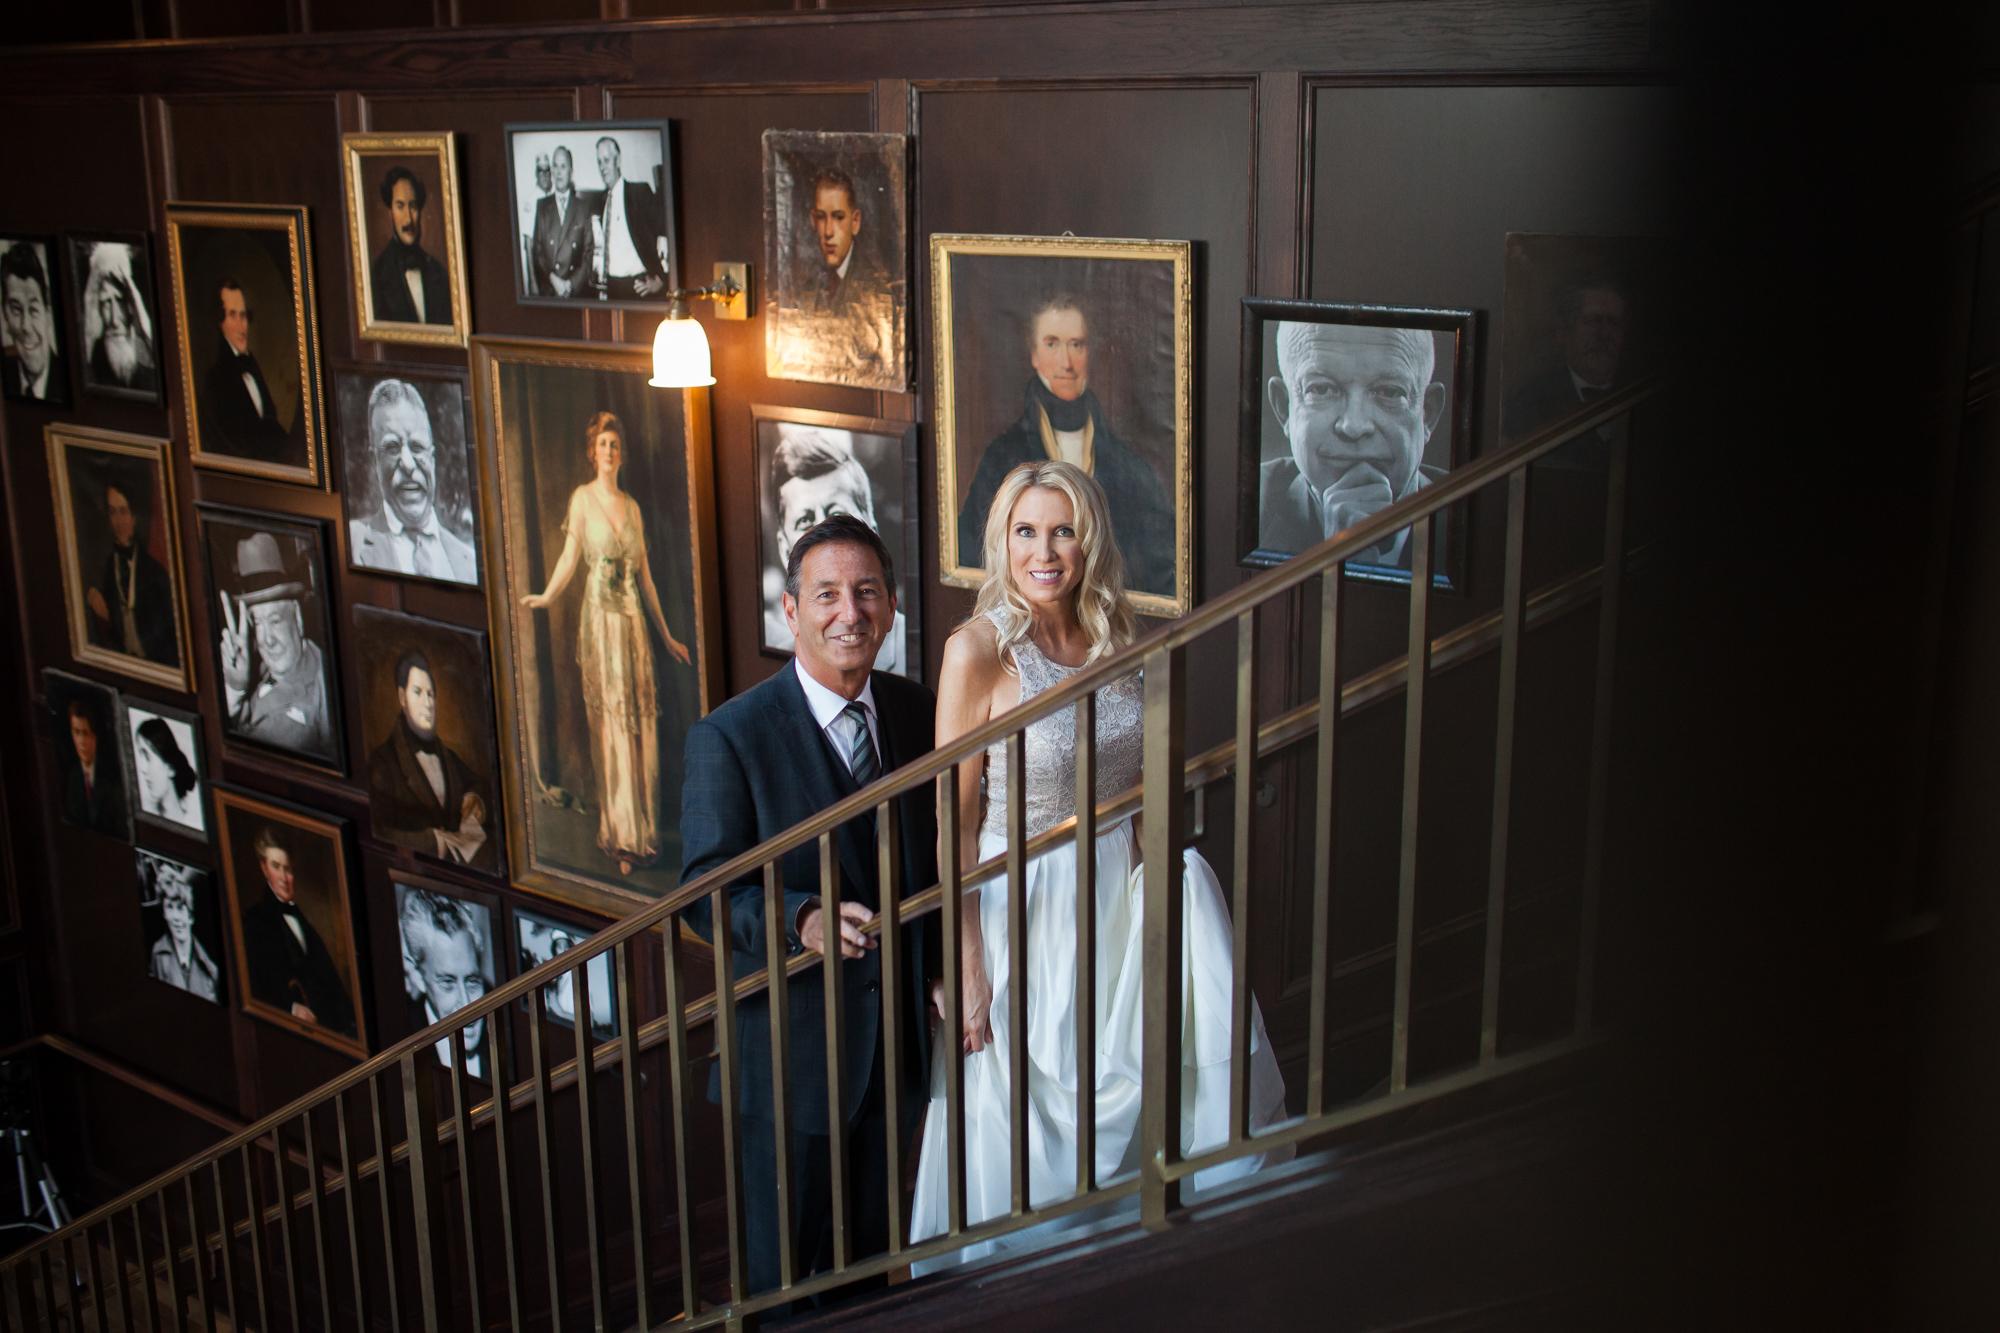 Oxford-Exchange-wedding